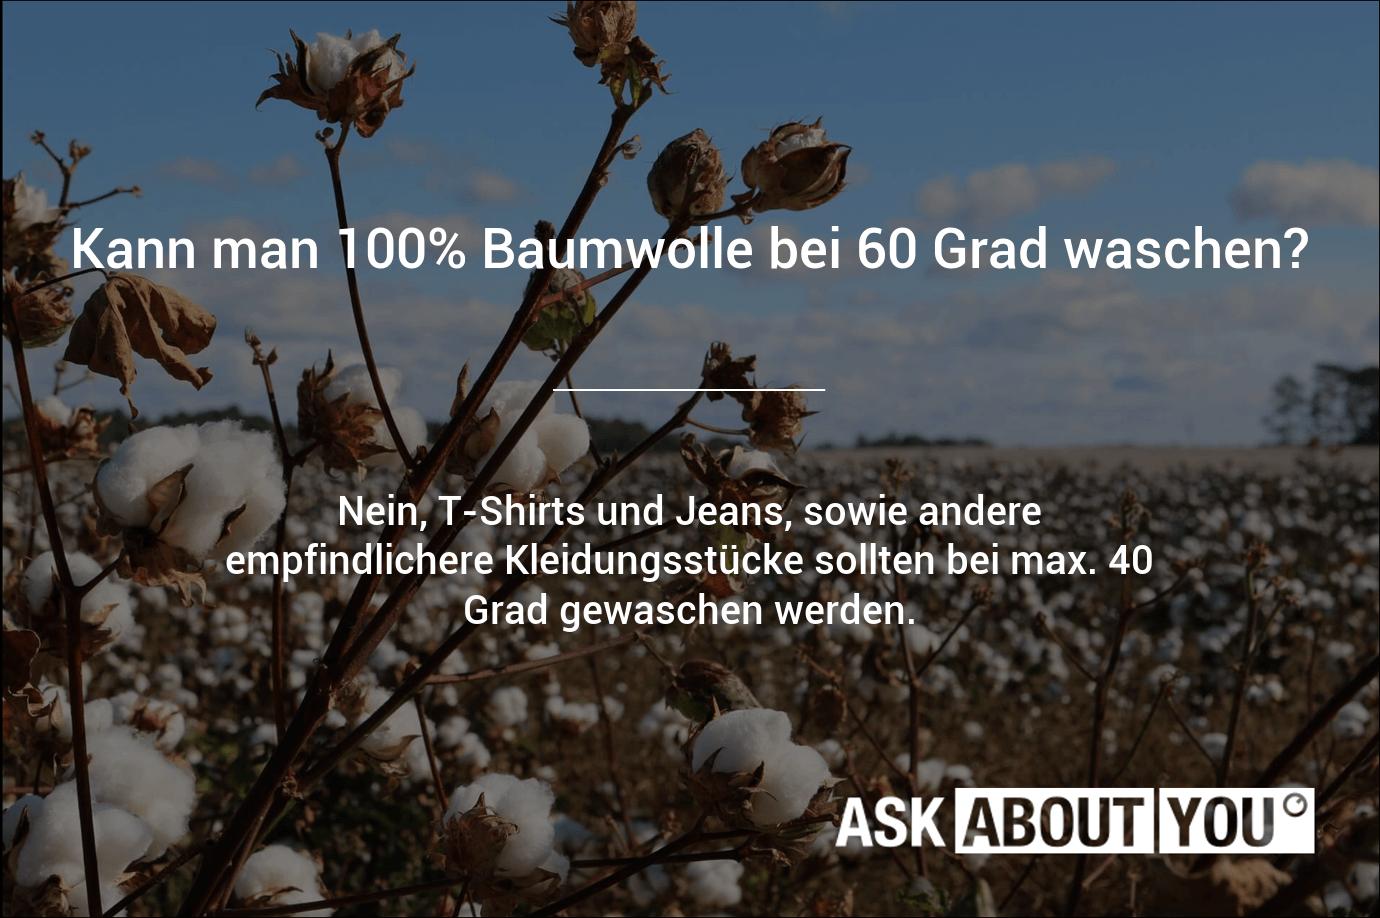 kann man 100% baumwolle bei 60 grad waschen